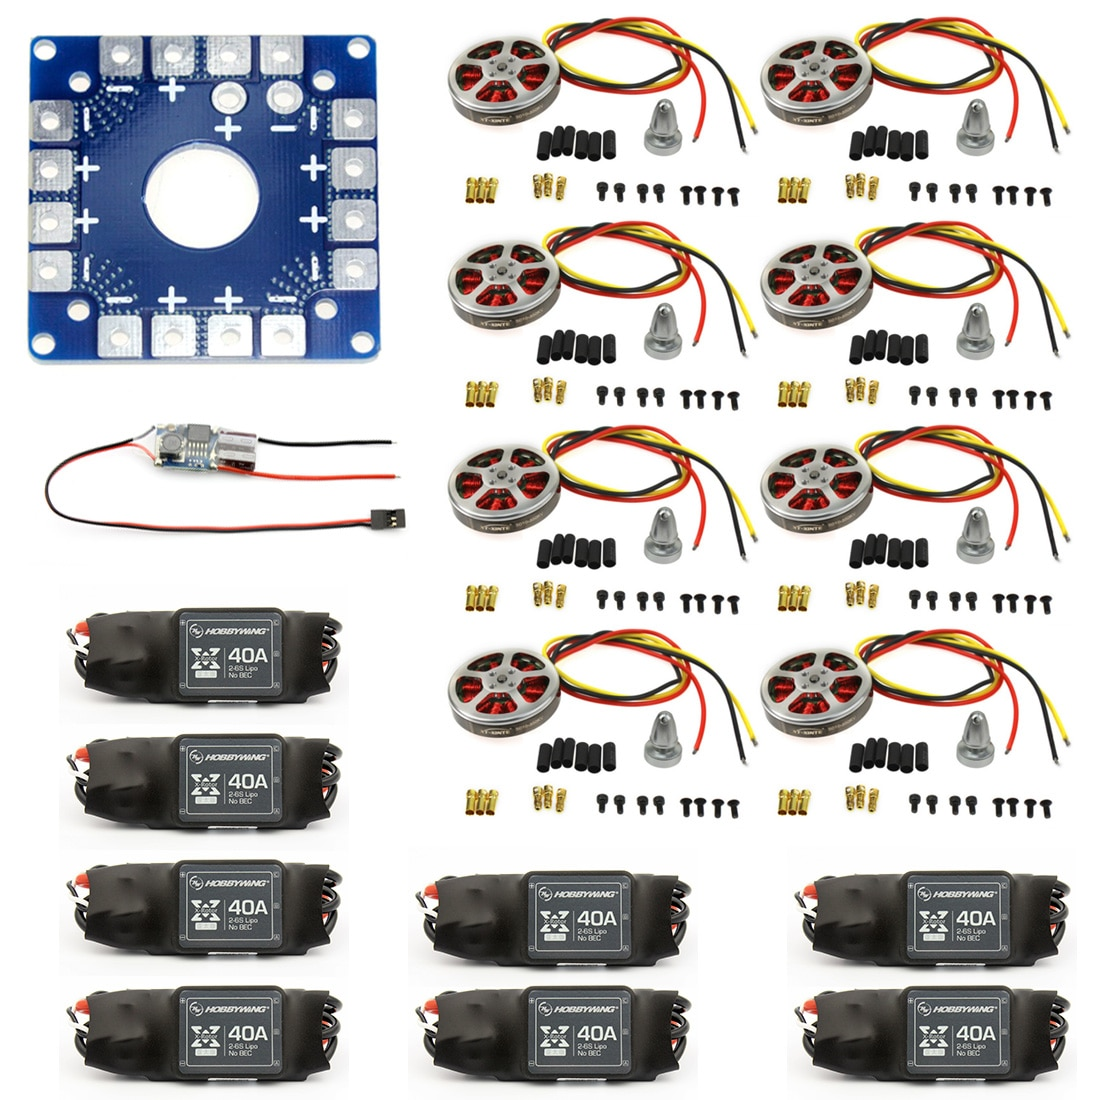 8 juegos de Motor de disco sin escobillas de 350KV de alto empuje con montaje + xt-xinte 40A ESC para 3-6s Octacopter Multi Rotor accesorio F05423-B